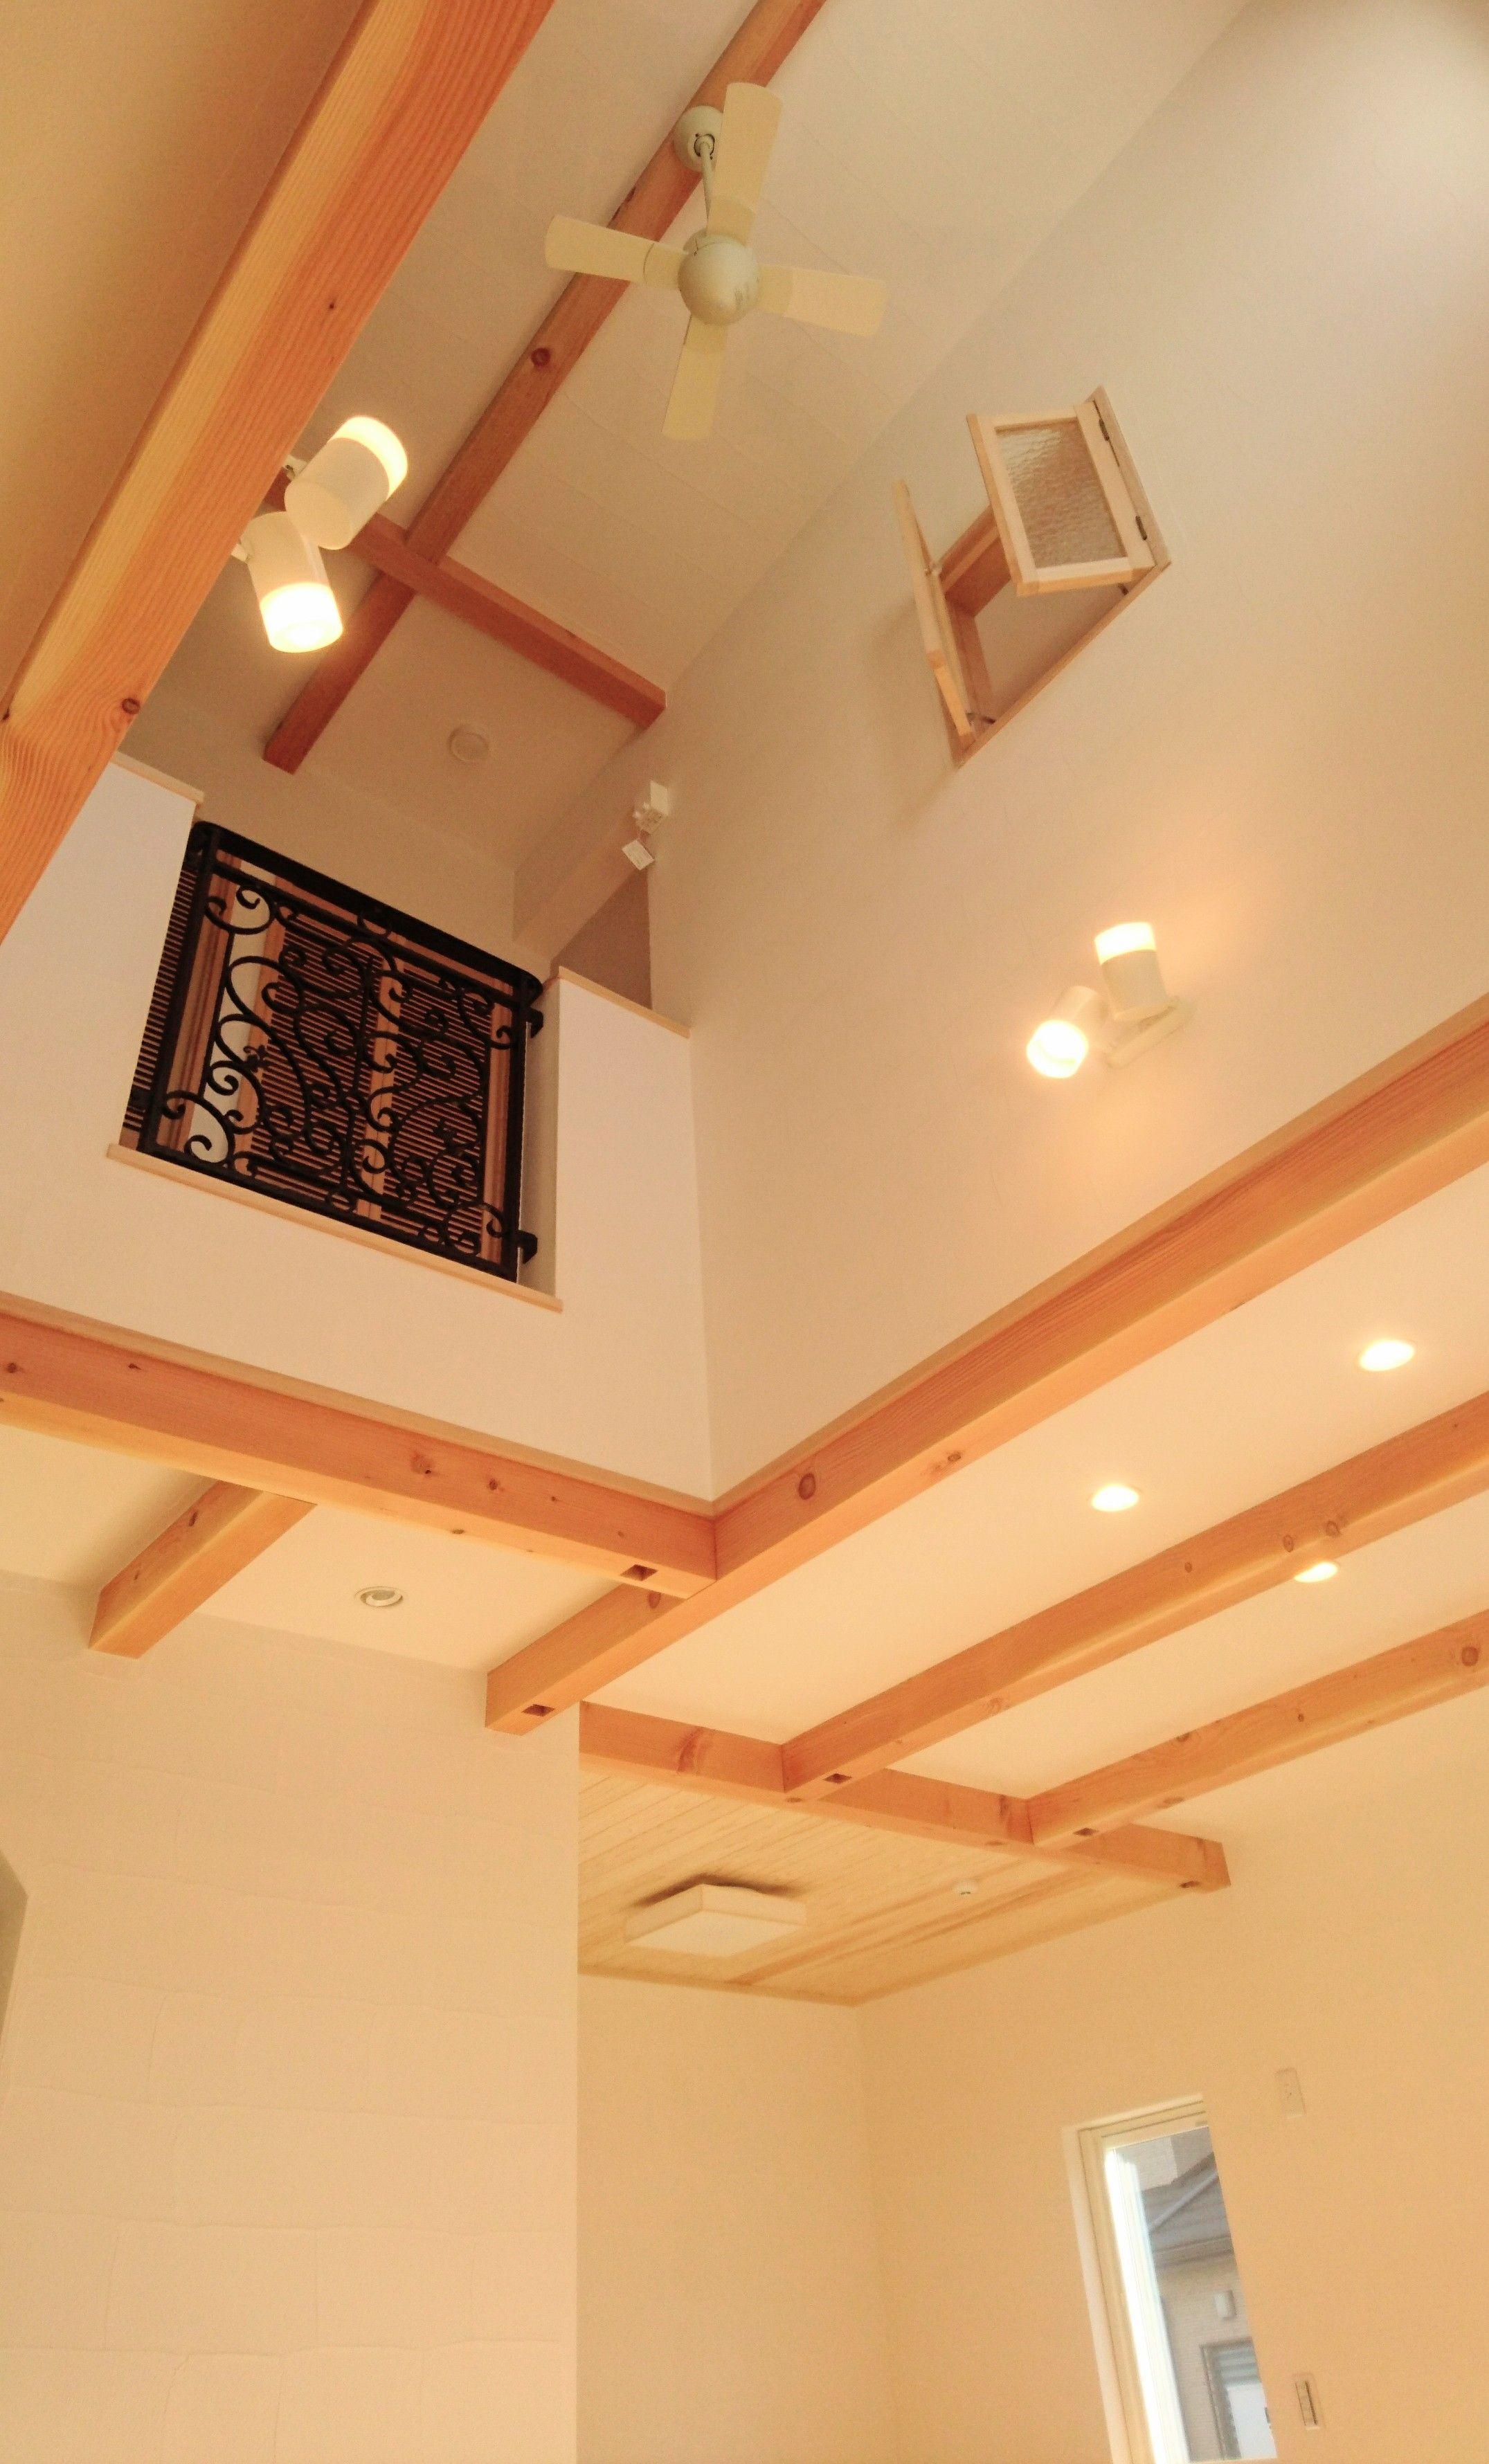 空間を大きく見せる 梁見せ天井 吹抜け 真っ白な漆喰壁にロート